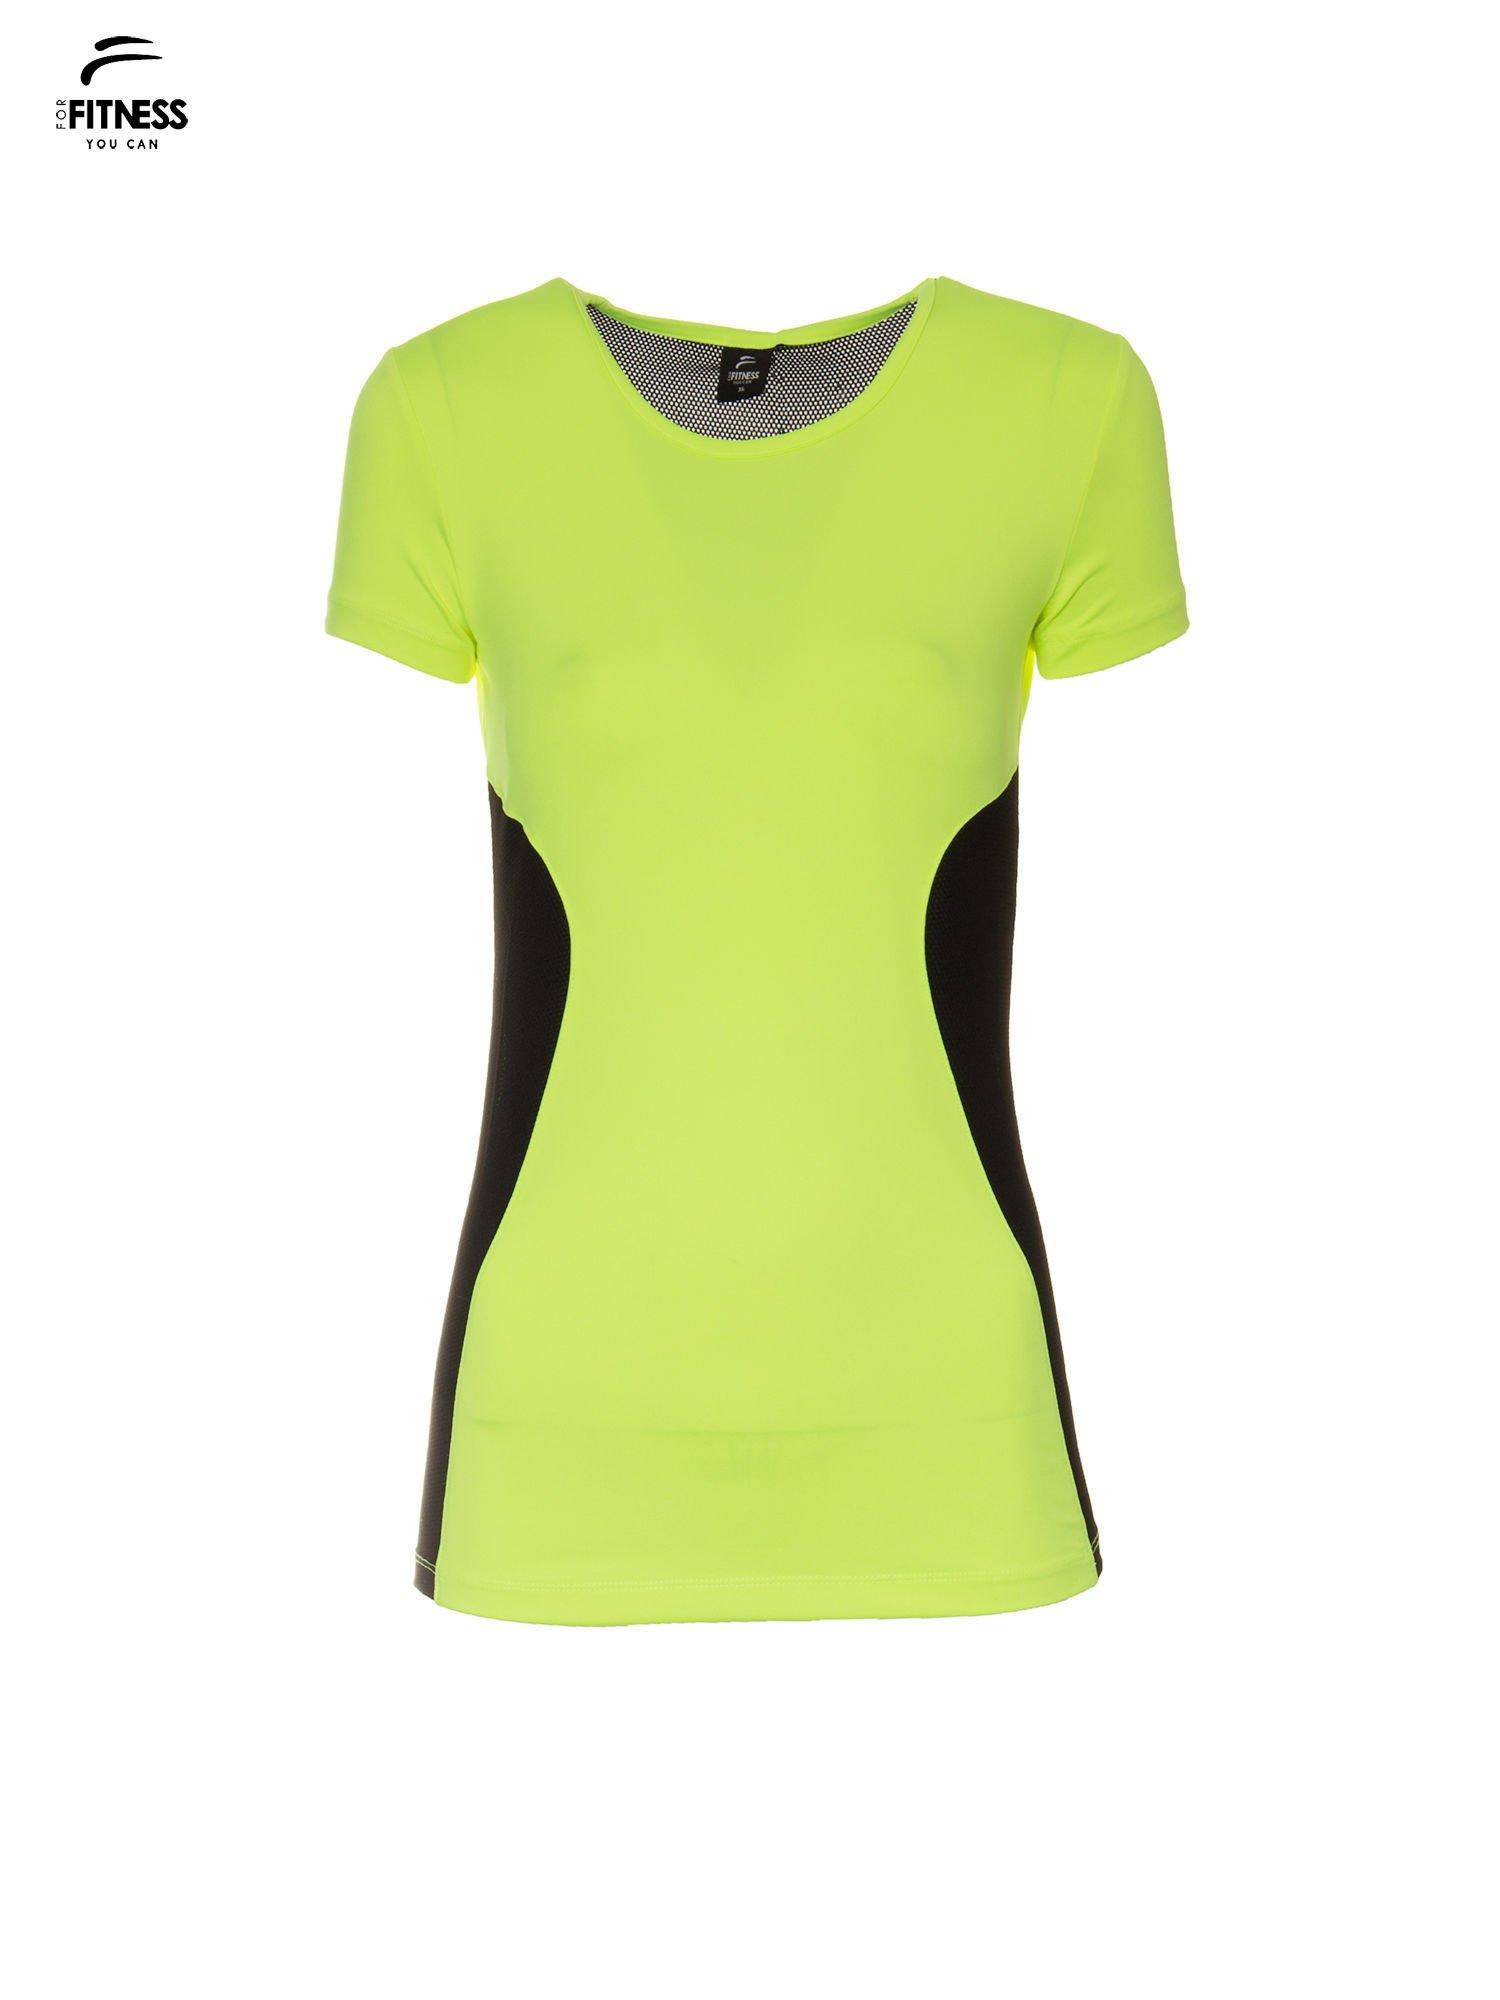 Fluozielony termoaktywny t-shirt sportowy z siateczkowymi modułami ♦ Performance RUN                                  zdj.                                  2